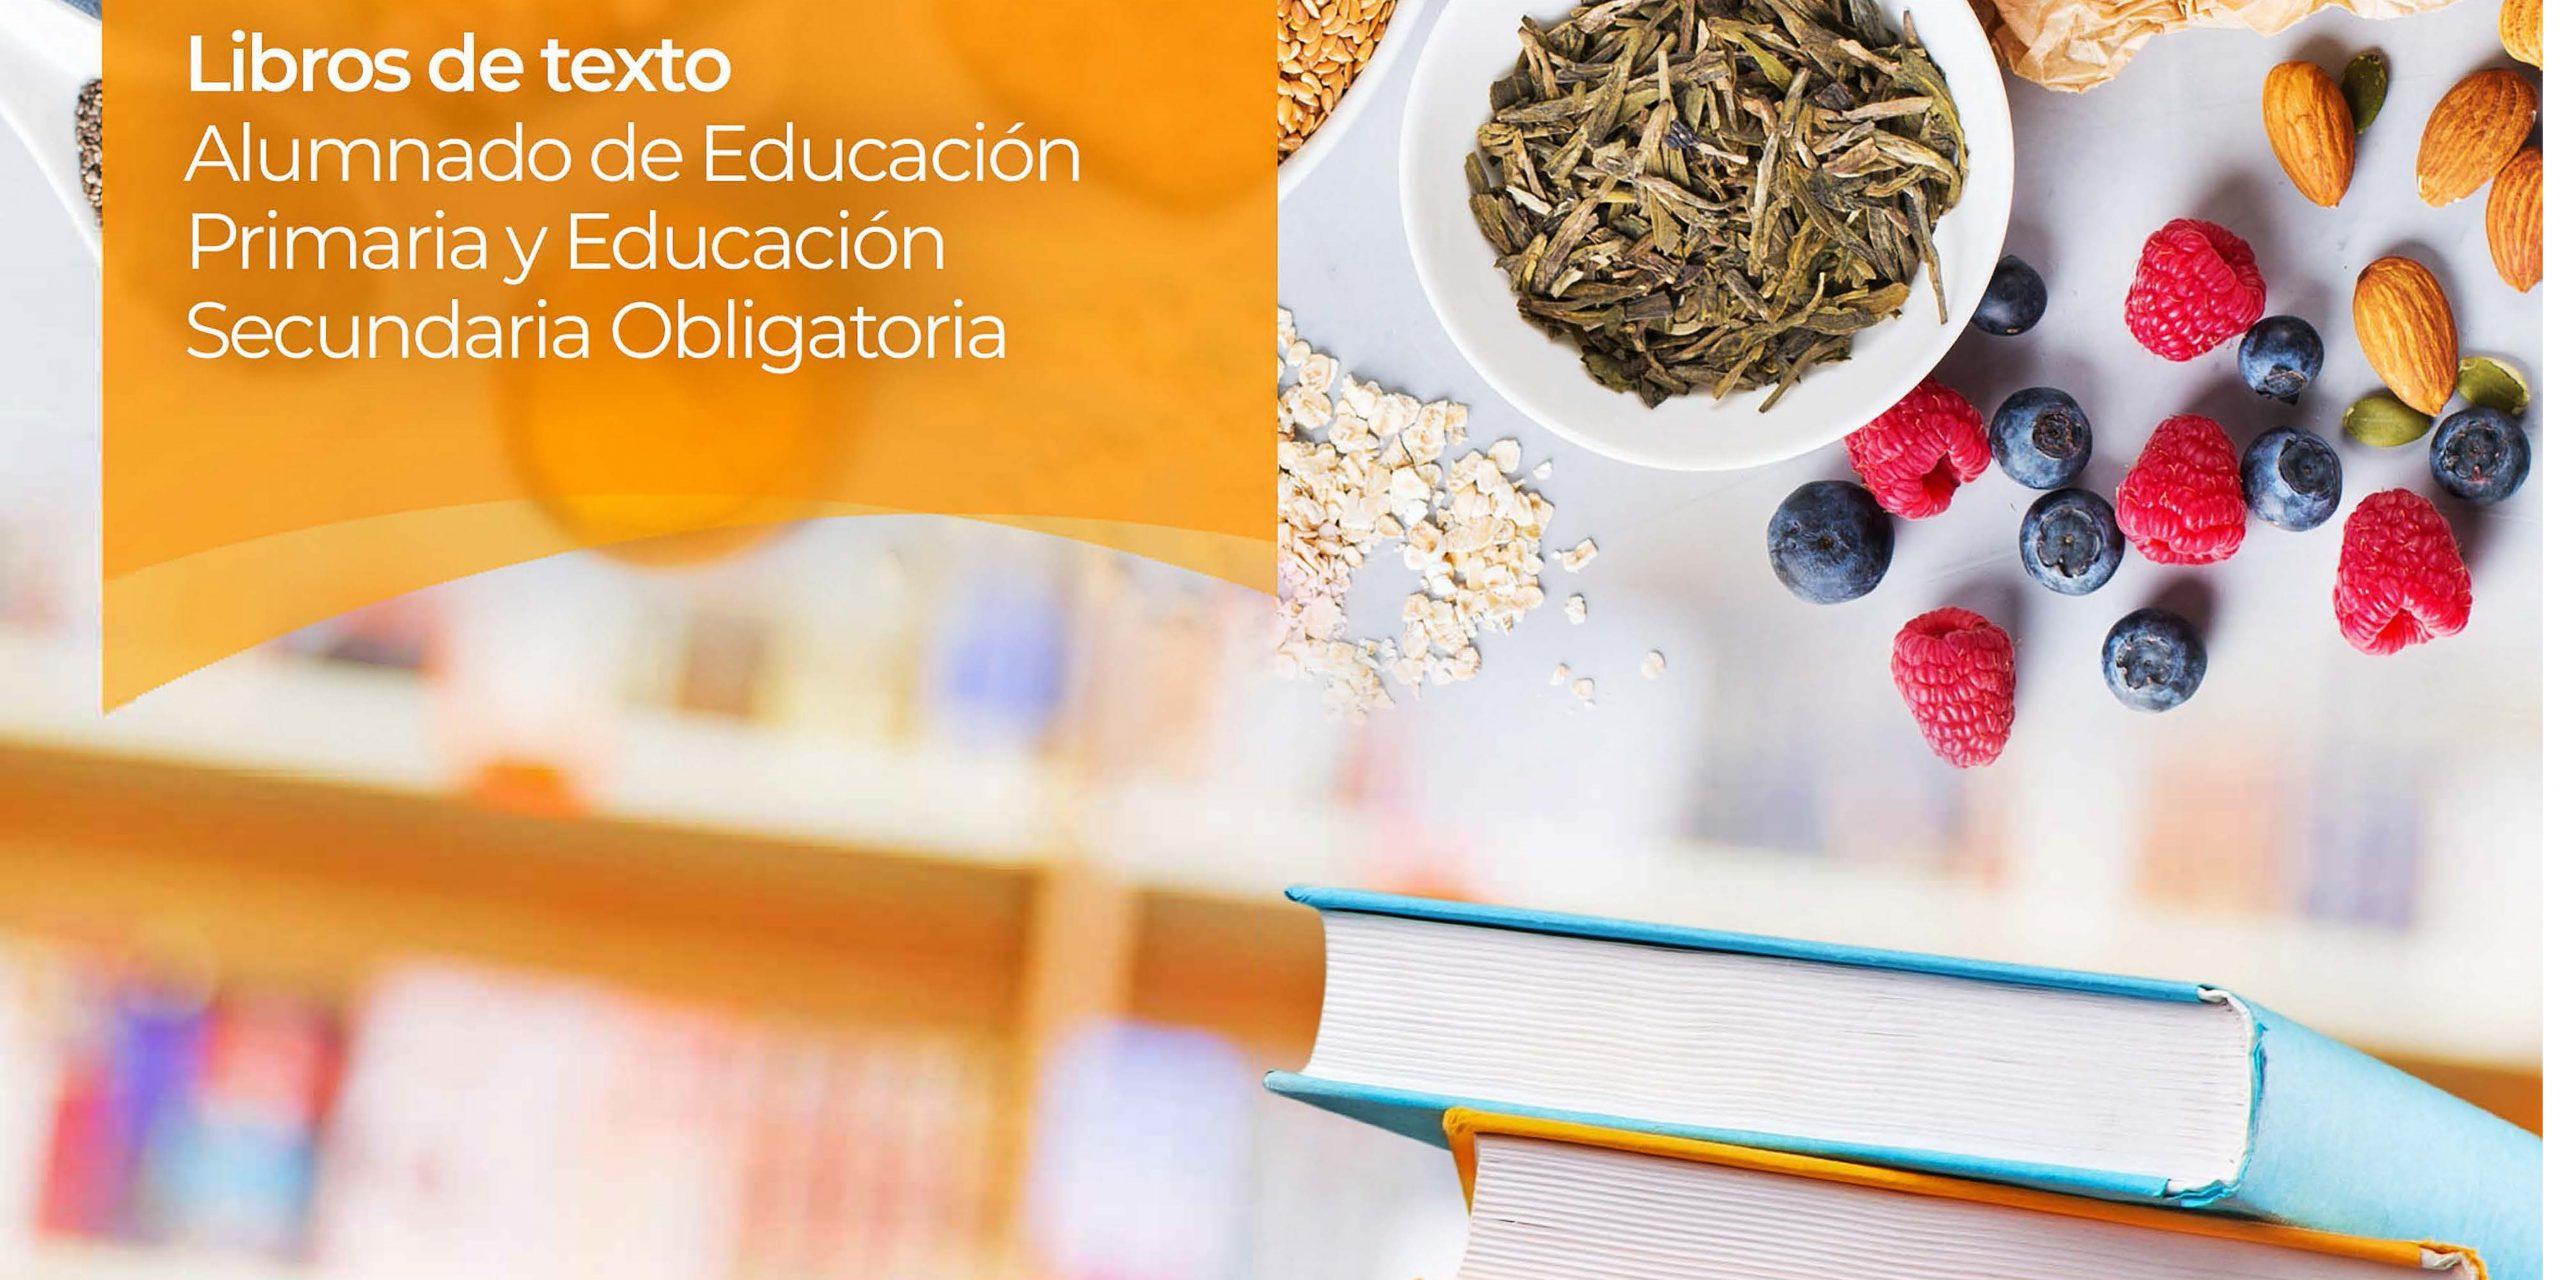 Ayudas para el uso de libros de texto en ESO